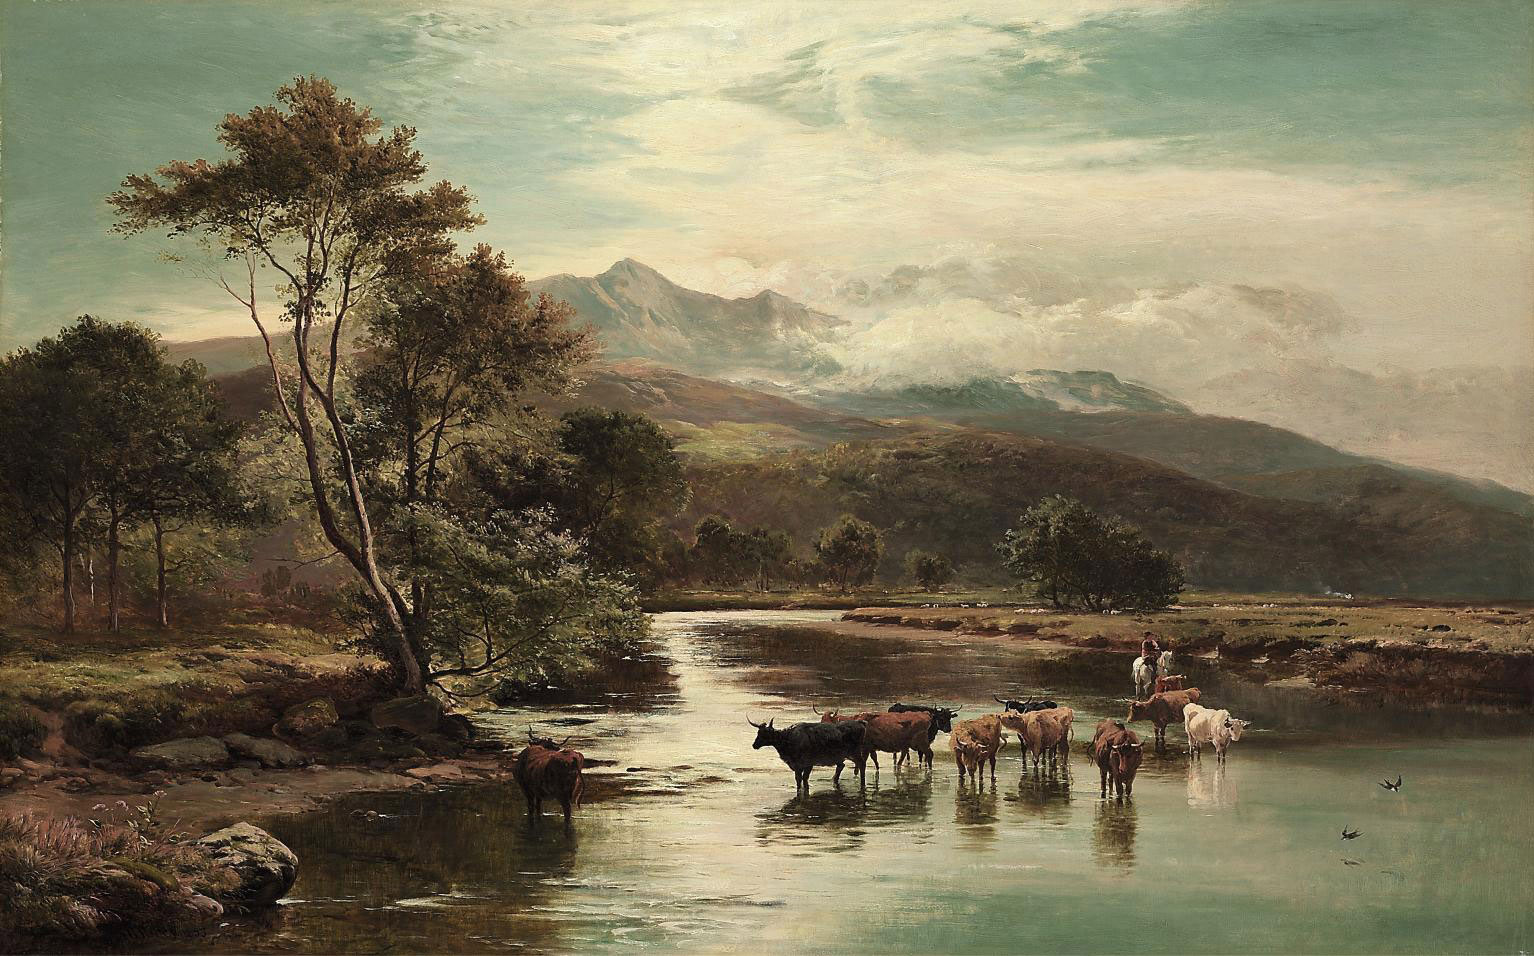 Fording the River Mawddach, Cader Idris, North Wales